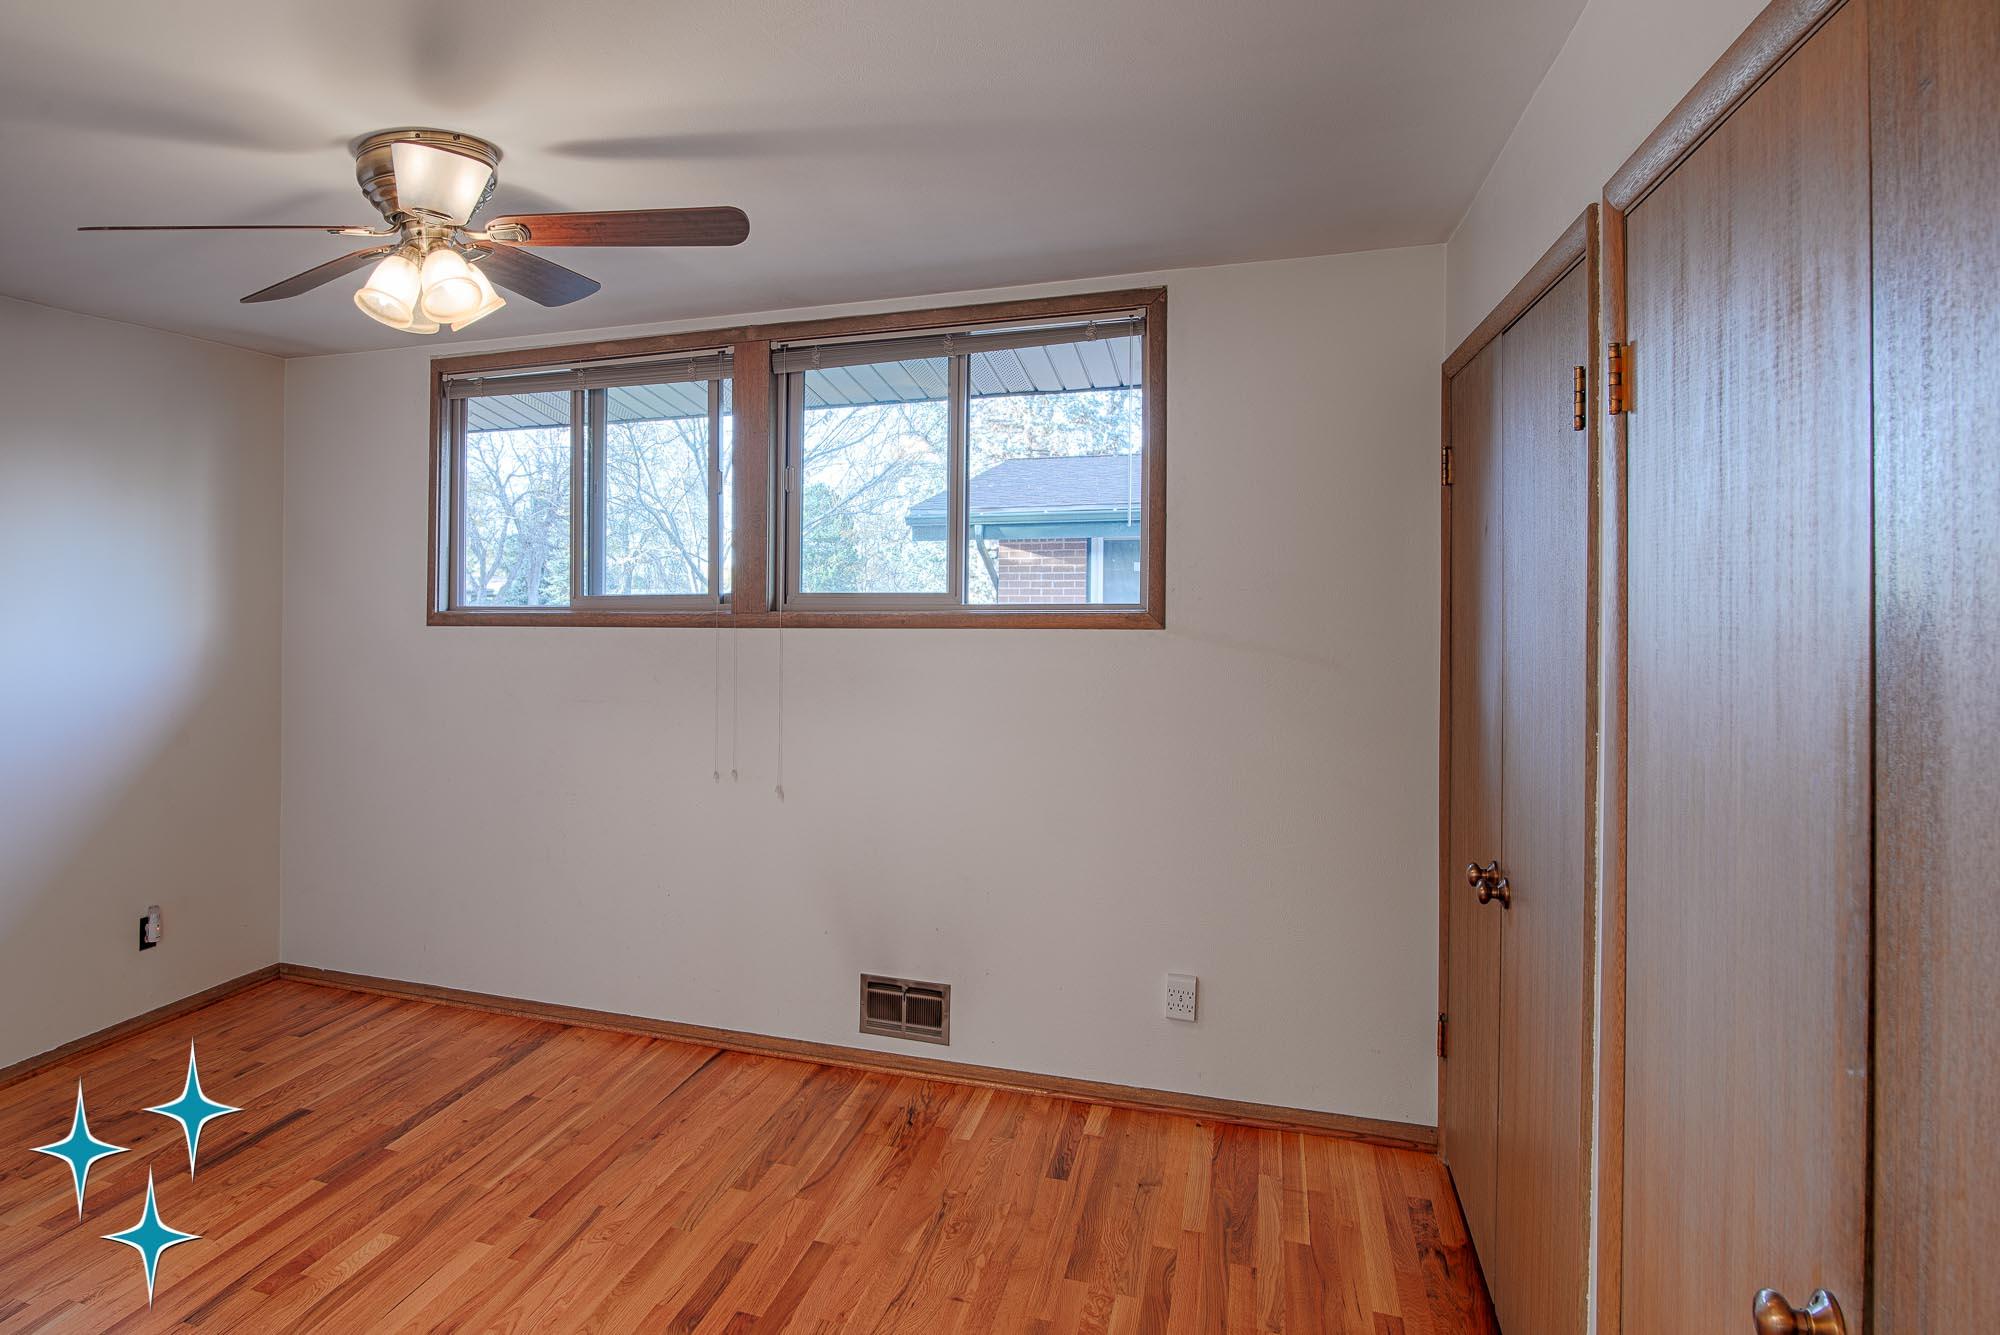 Adrian-Kinney-4155-W-Iliff-Avenue-Denver-r-Carey-Holiday-Home-2000w50-3SWM-21.jpg